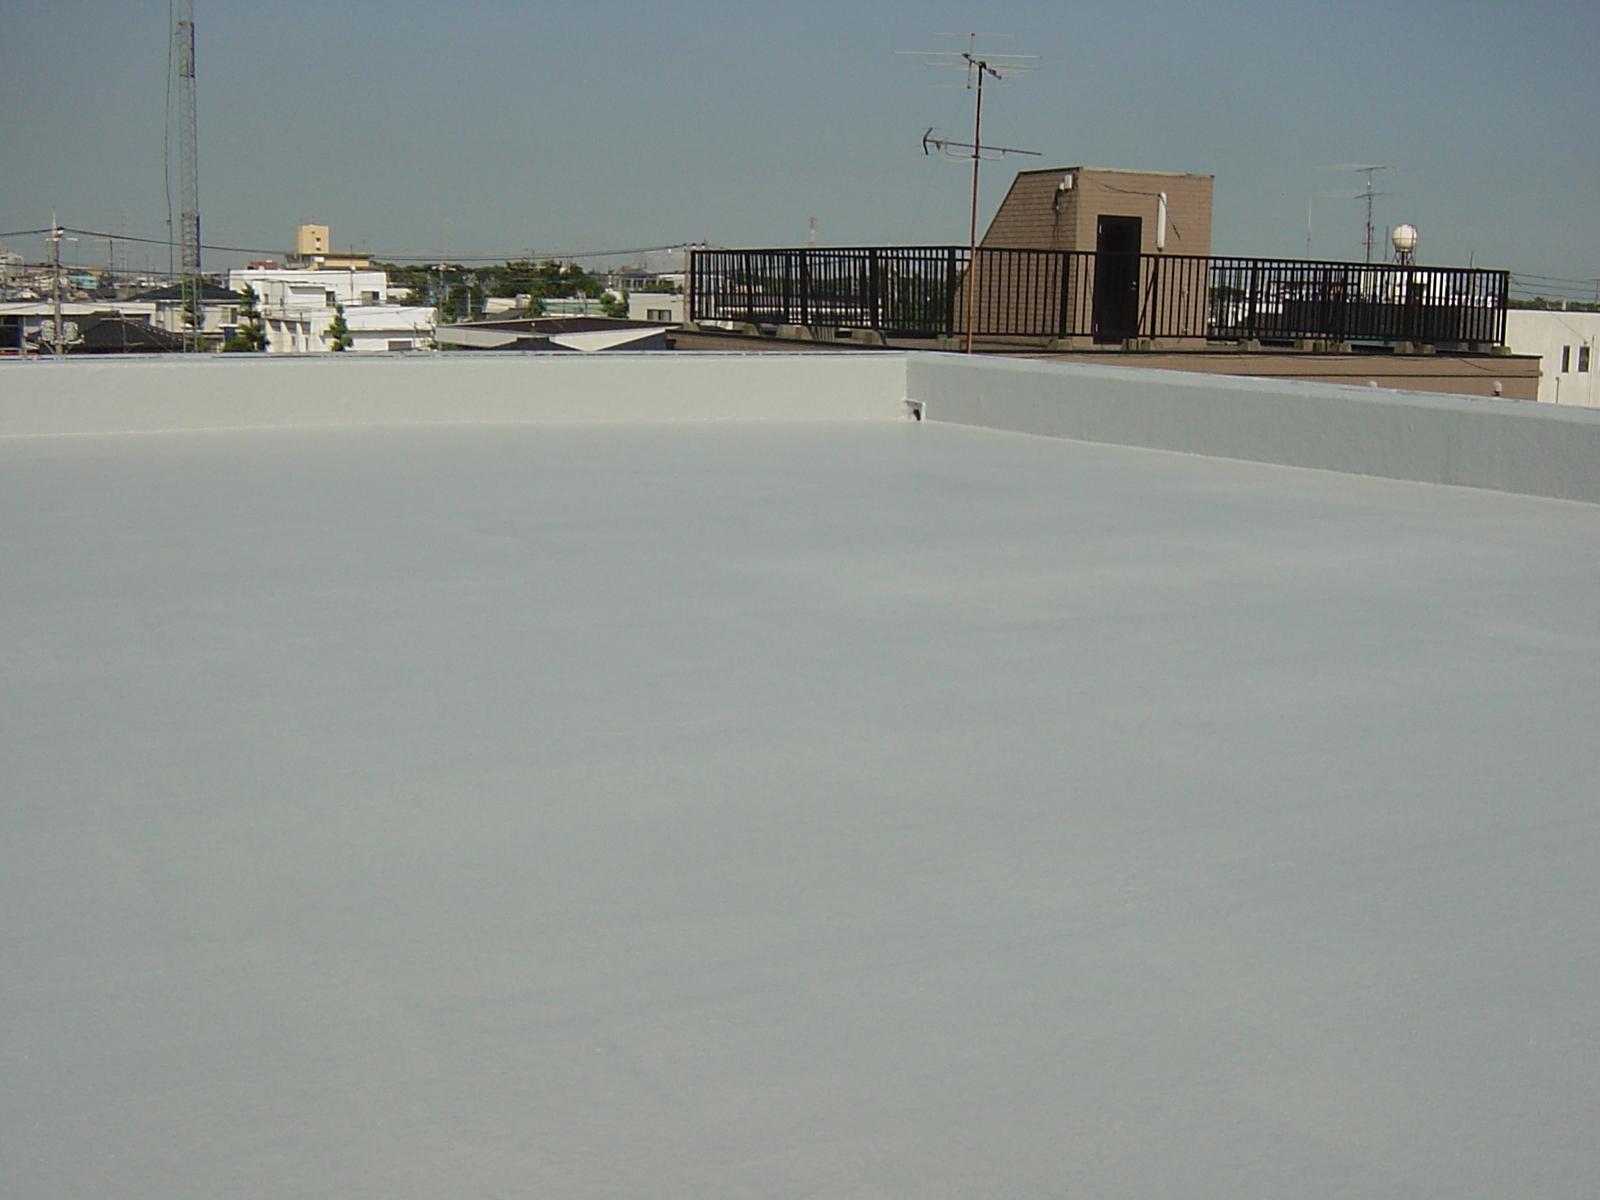 030 中塗り→トップコートで防水工事は完了です。大変綺麗になりました。屋上防...  リフォー